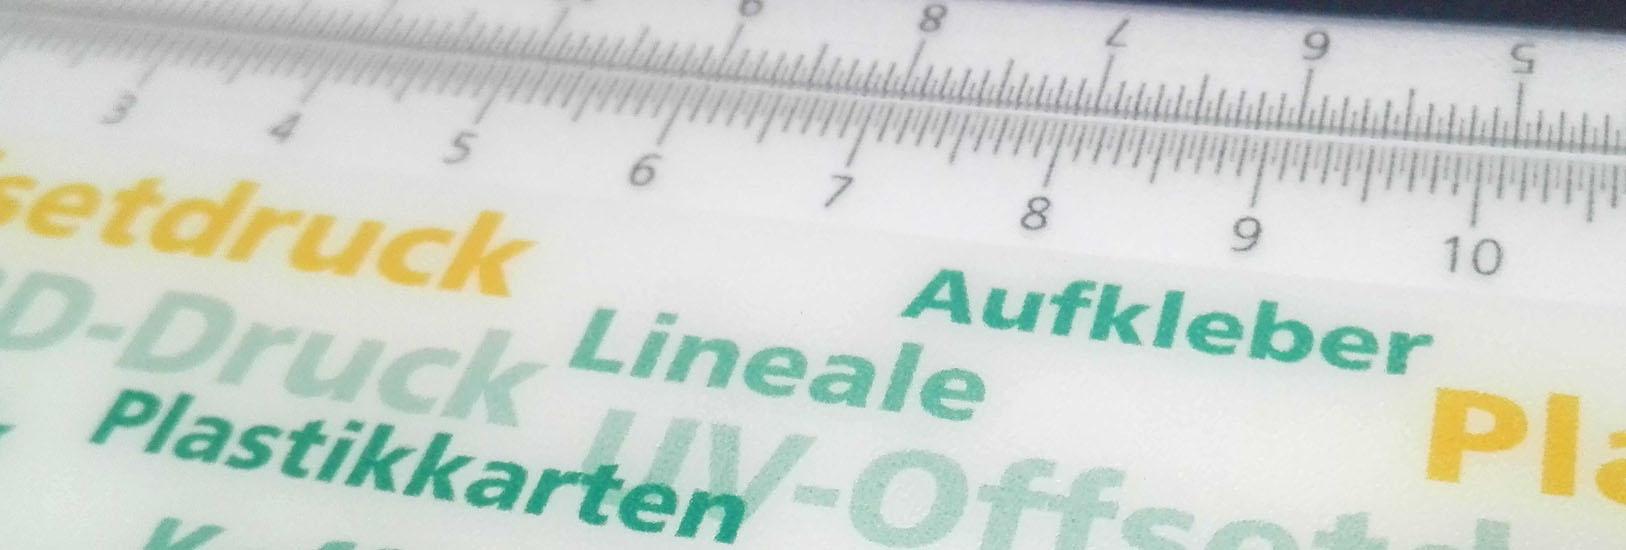 UV-Offsetdruck Lineale drucken lassen mit werbewirksamen Effekten im Lentikulardruck Stuttgart